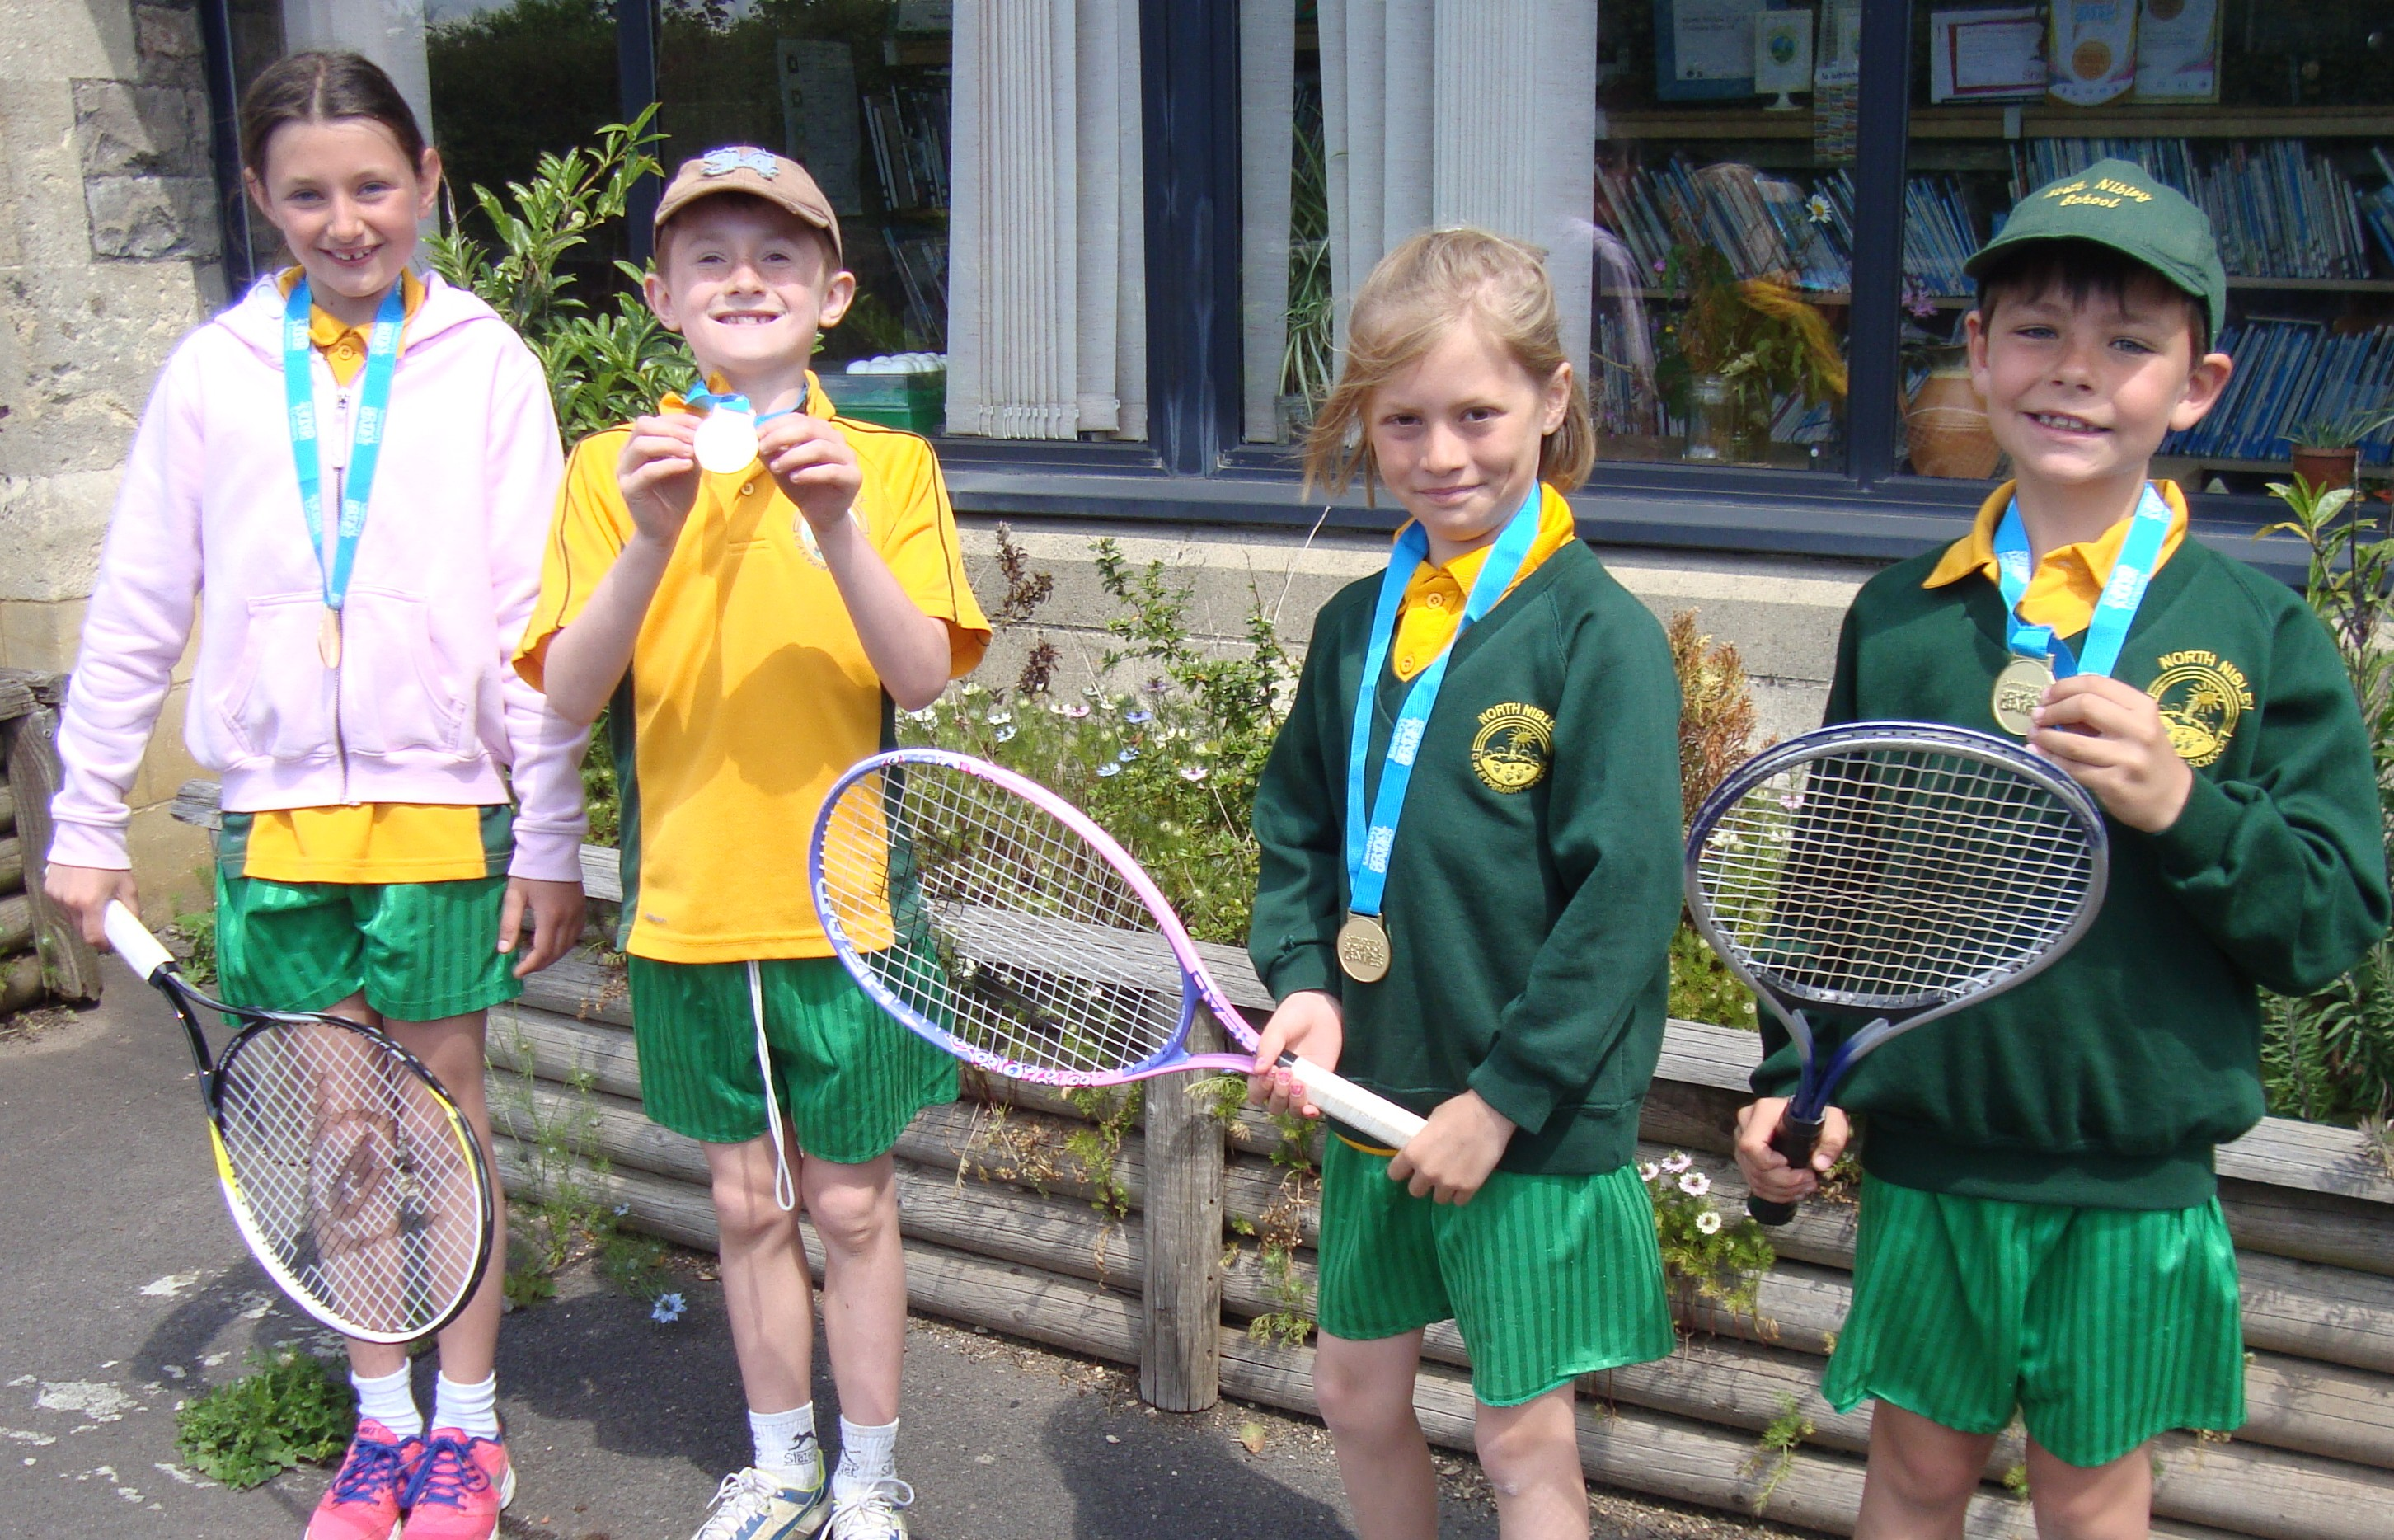 Tennis Aces!